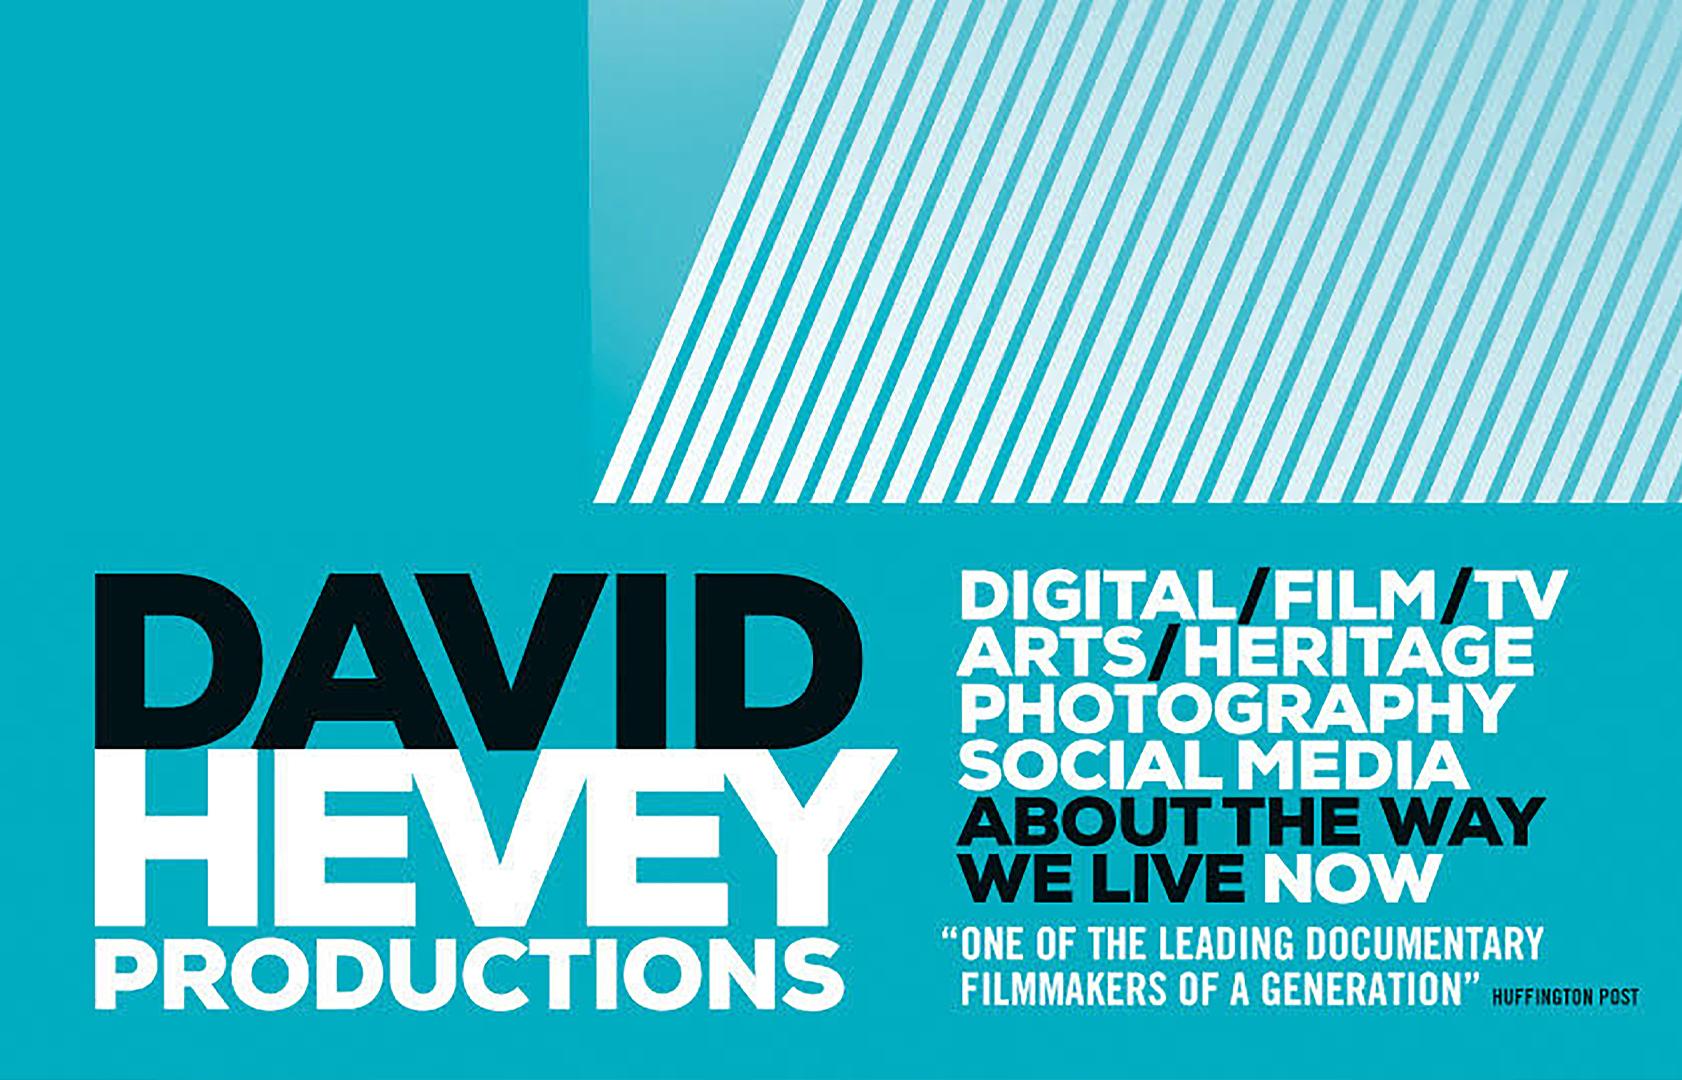 David Hevey Productions Company Image